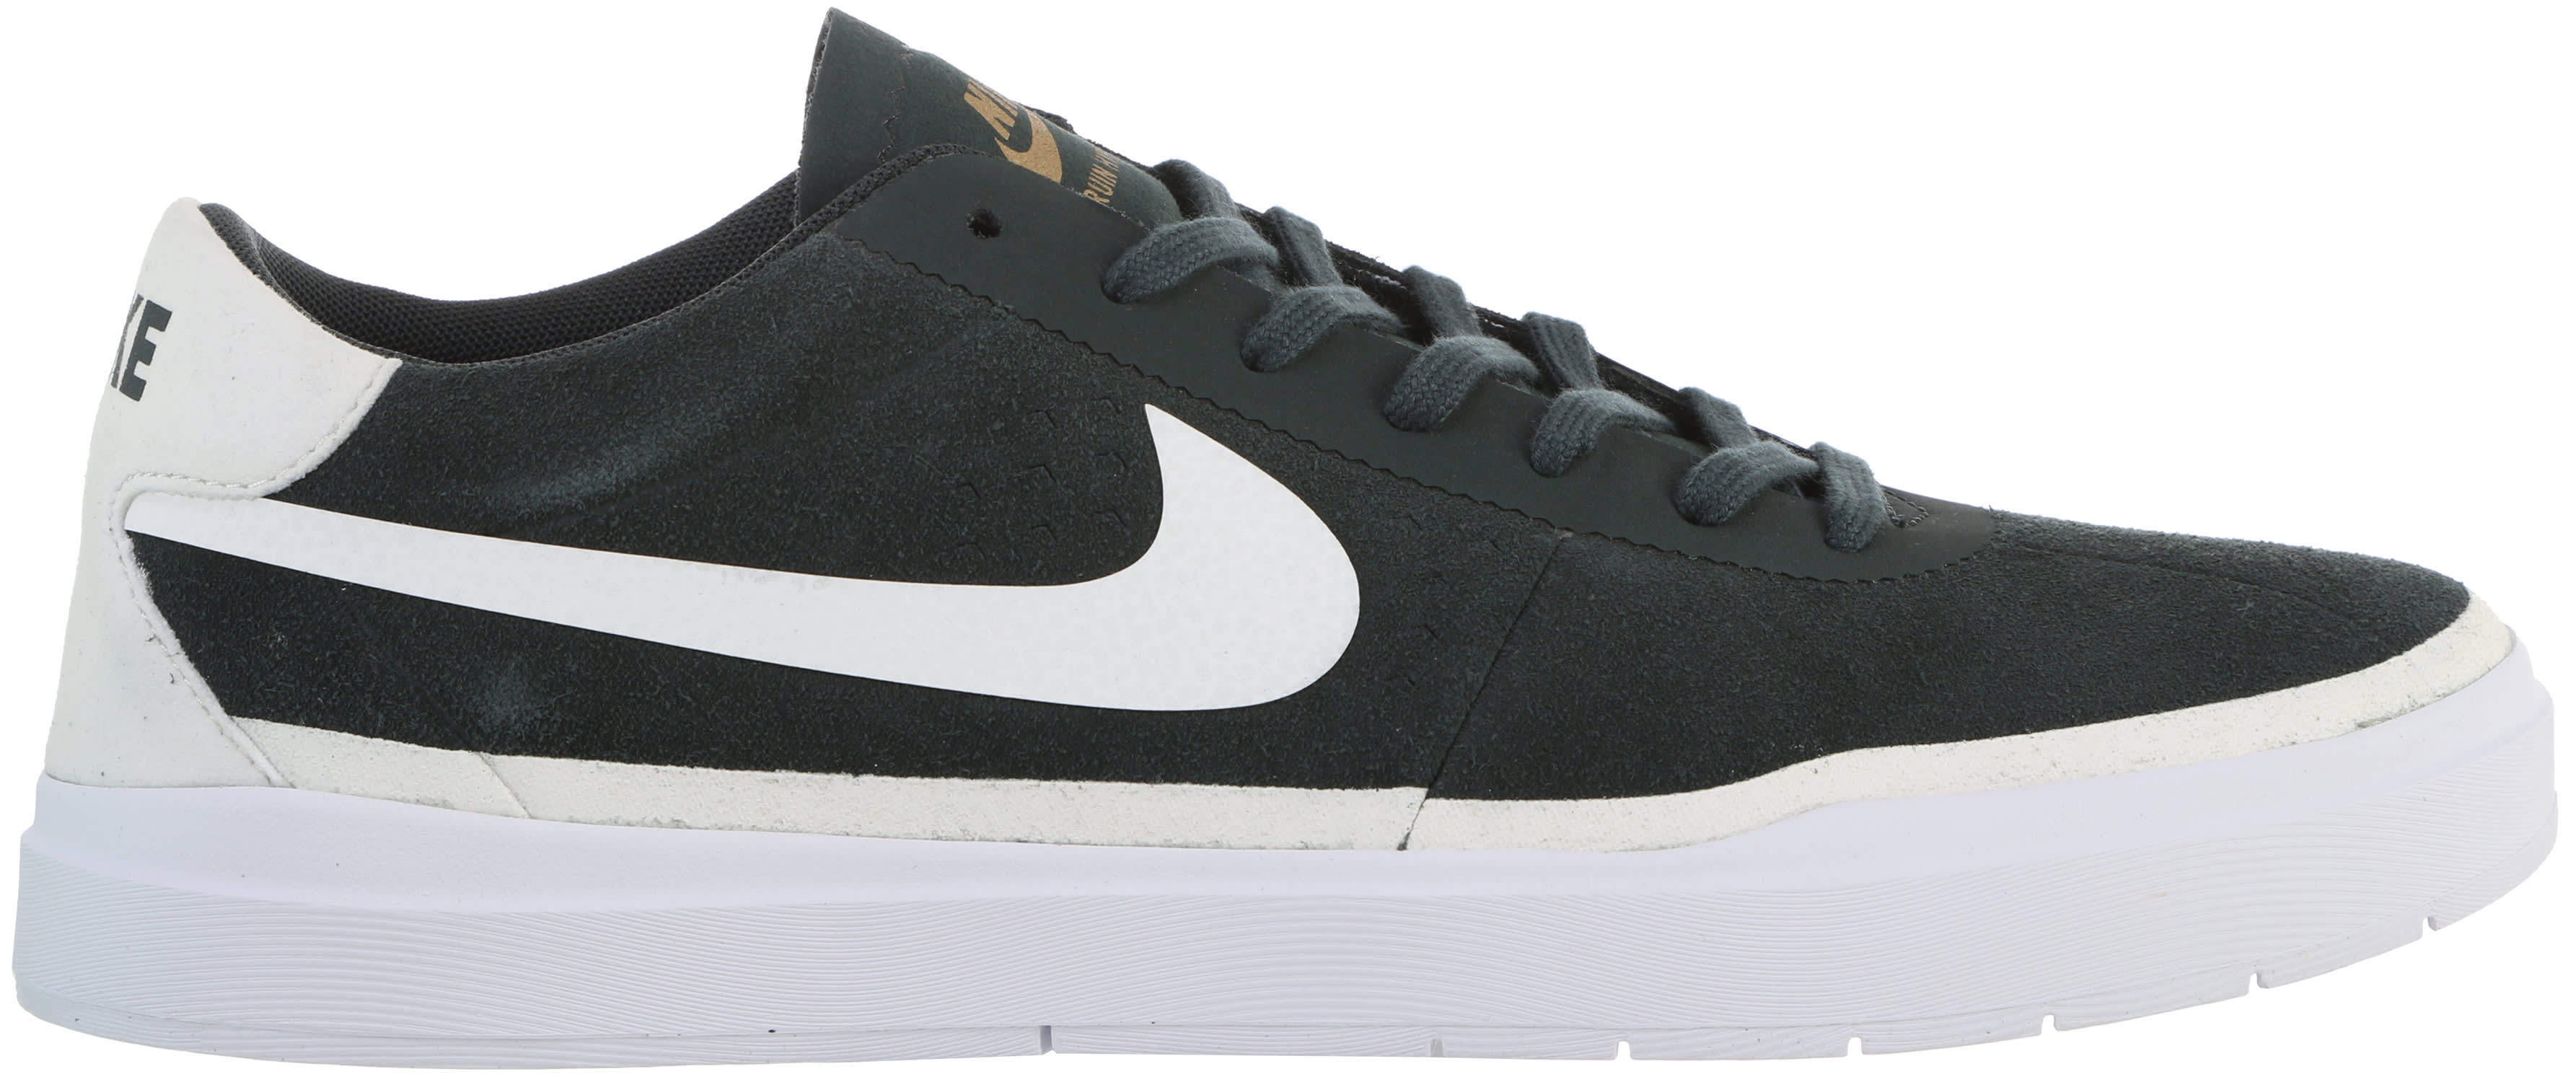 buy online 11c2e bebf0 Nike SB Bruin Hyperfeel Skate Shoes - thumbnail 1